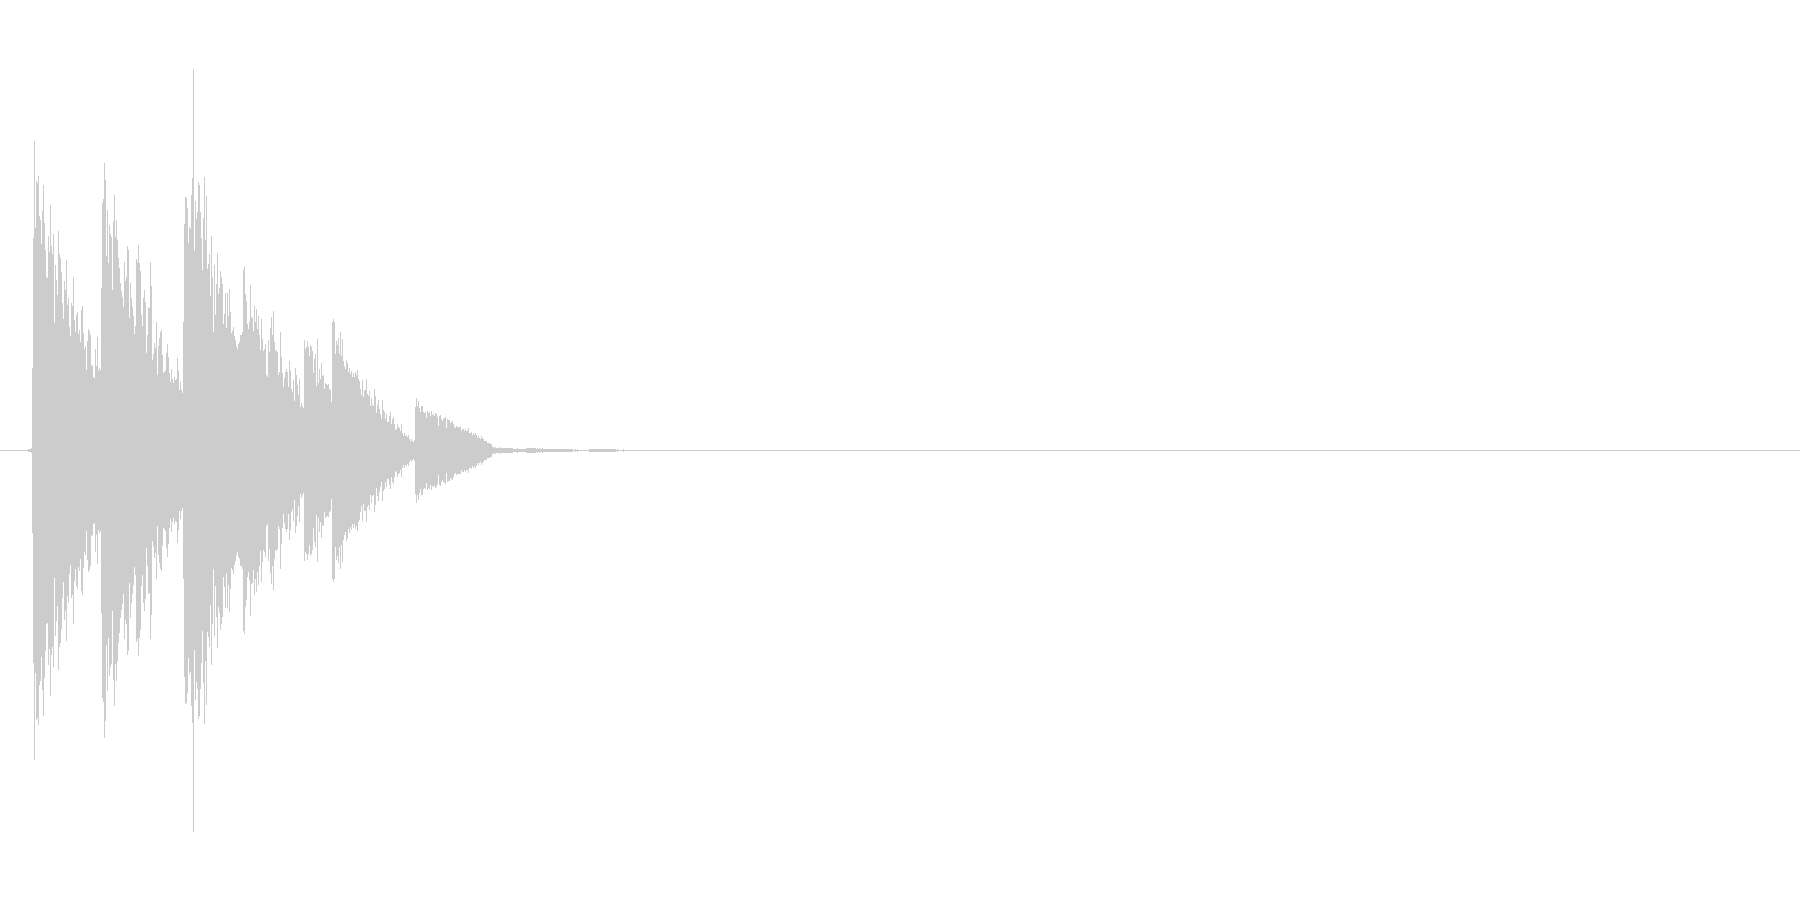 金属的なサウンドの決定音の未再生の波形